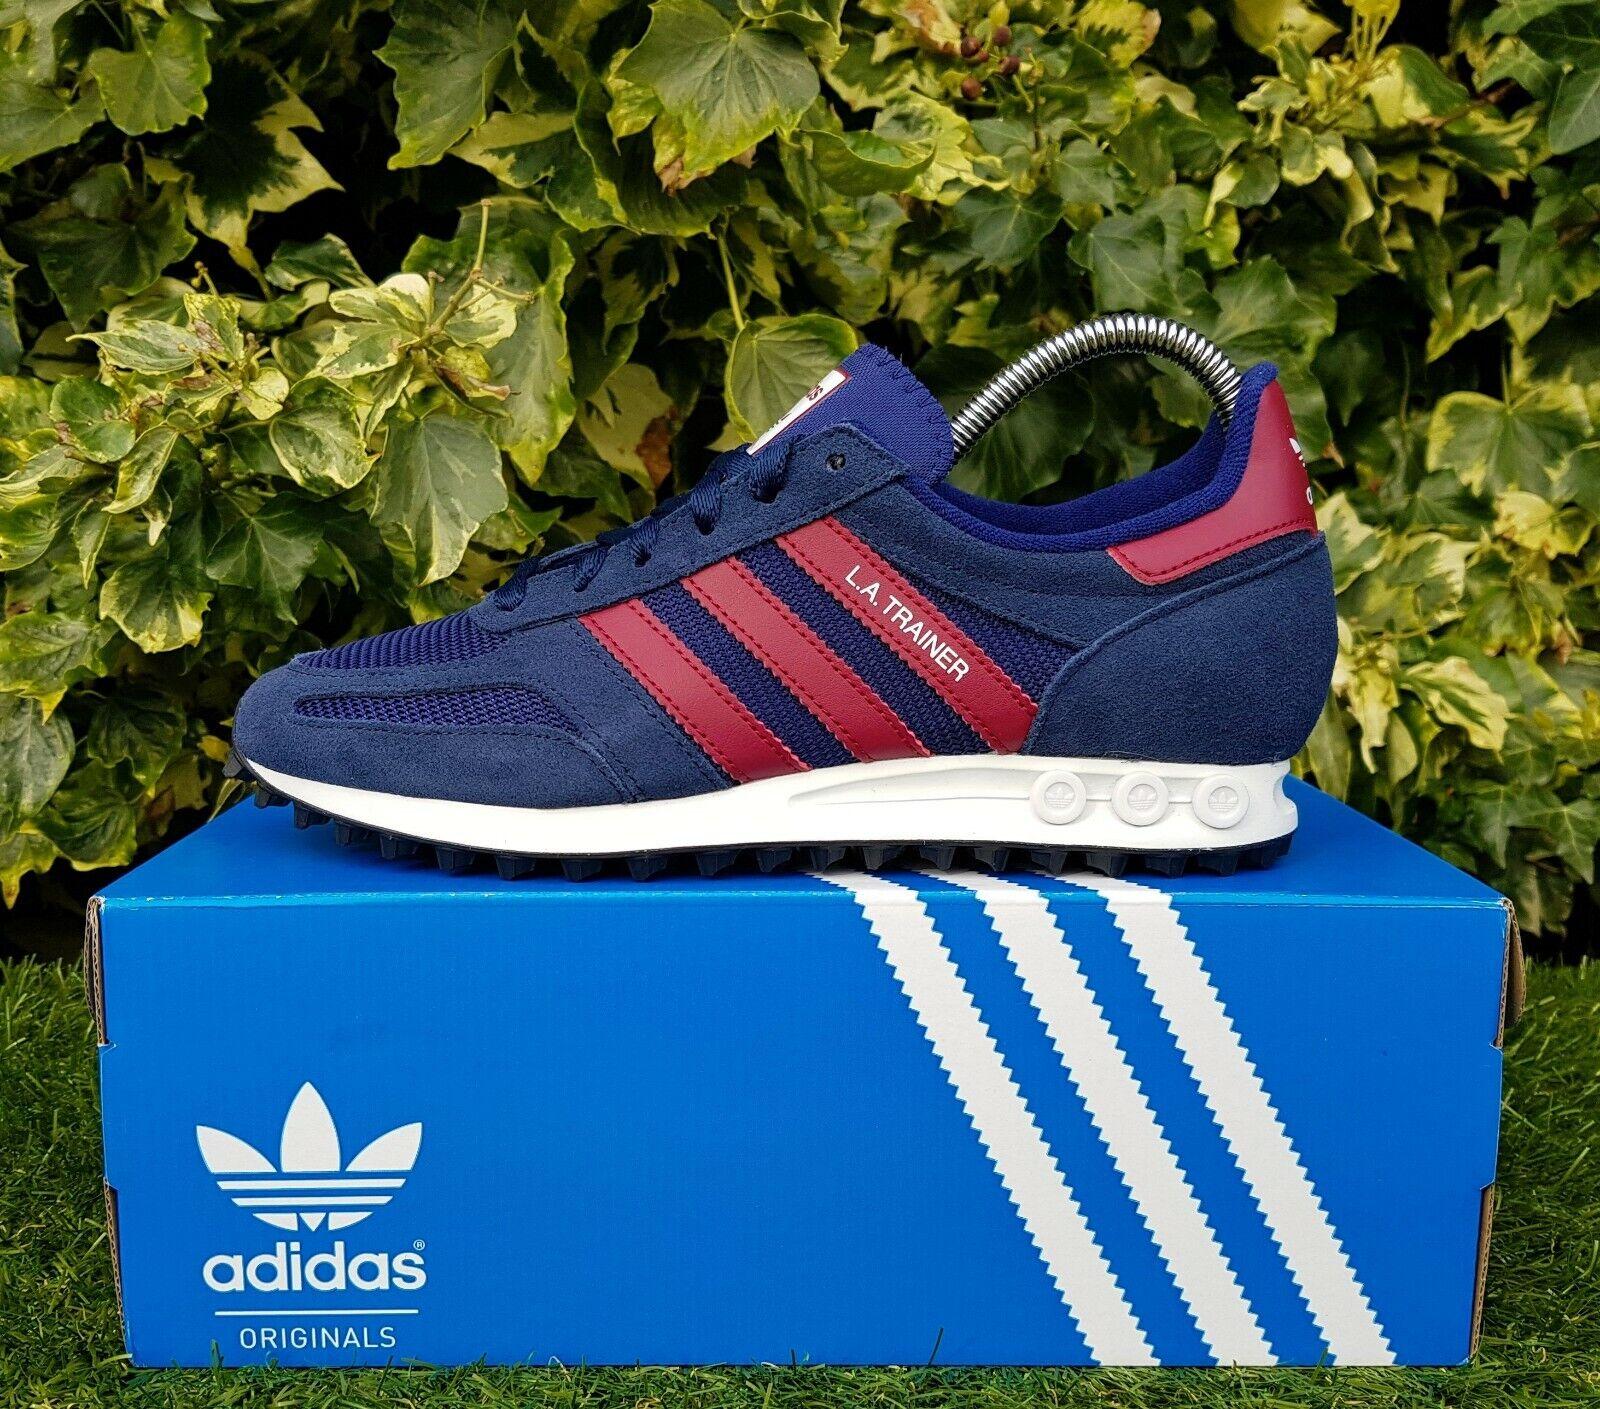 BNWB & Genuine Adidas Originals ® LA TRAINER OG bleu Marine Bordeaux Baskets Taille UK 6